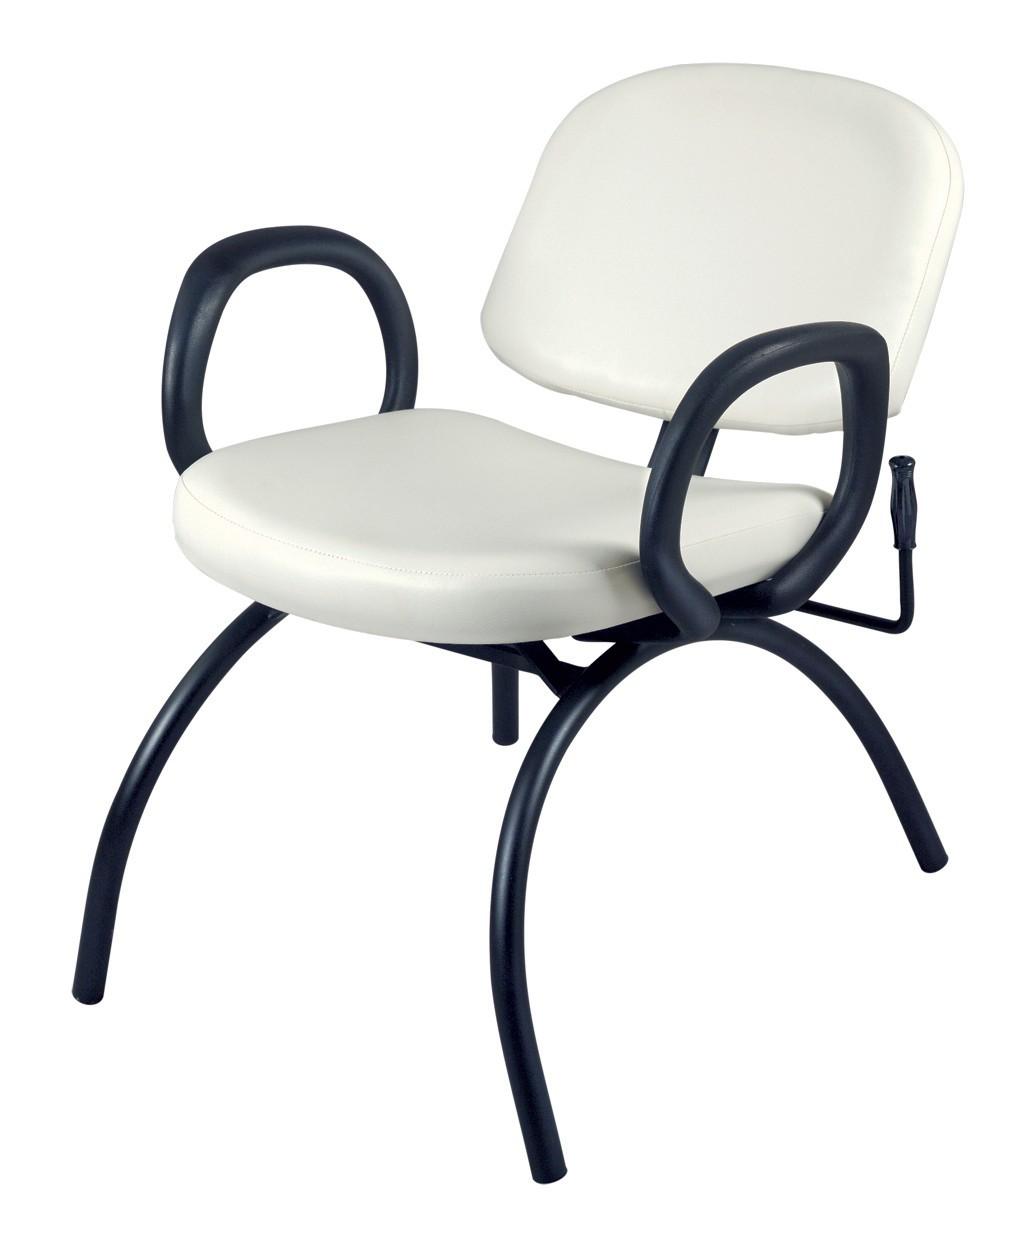 Pibbs 5430 Loop Shampoo Chair